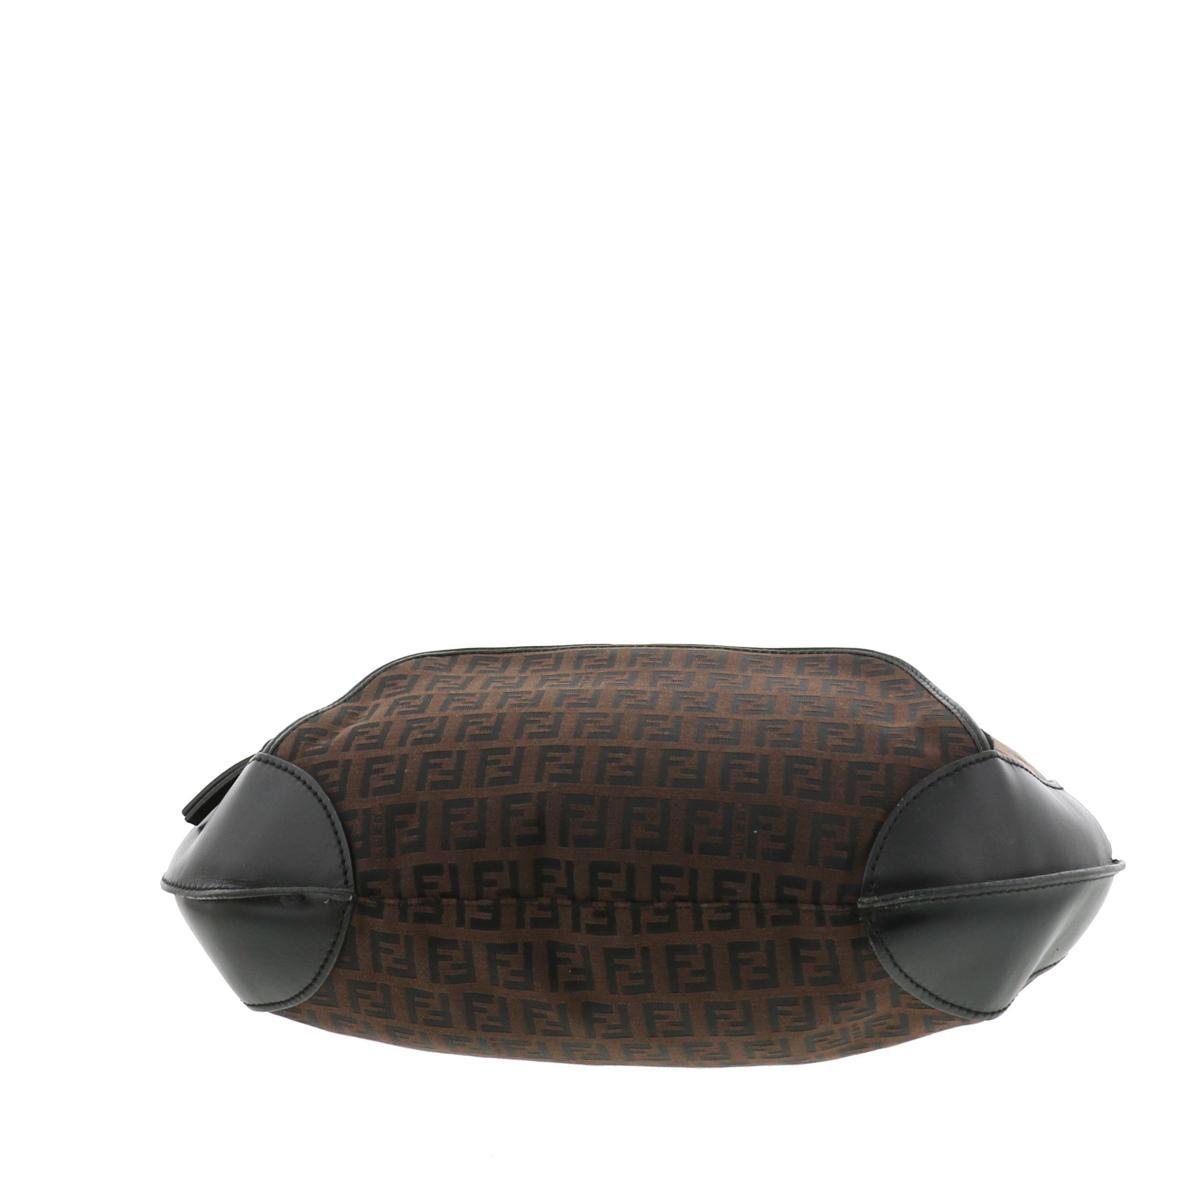 【即日発送・水曜定休日・木曜発送】【中古】【RI】 FENDI (フェンディ) ズッキーノ ワンショルダーバッグ バッグ ショルダー/メッセンジャーバッグ ズッキーノ Brown/ブラウン 8BR465 used:C